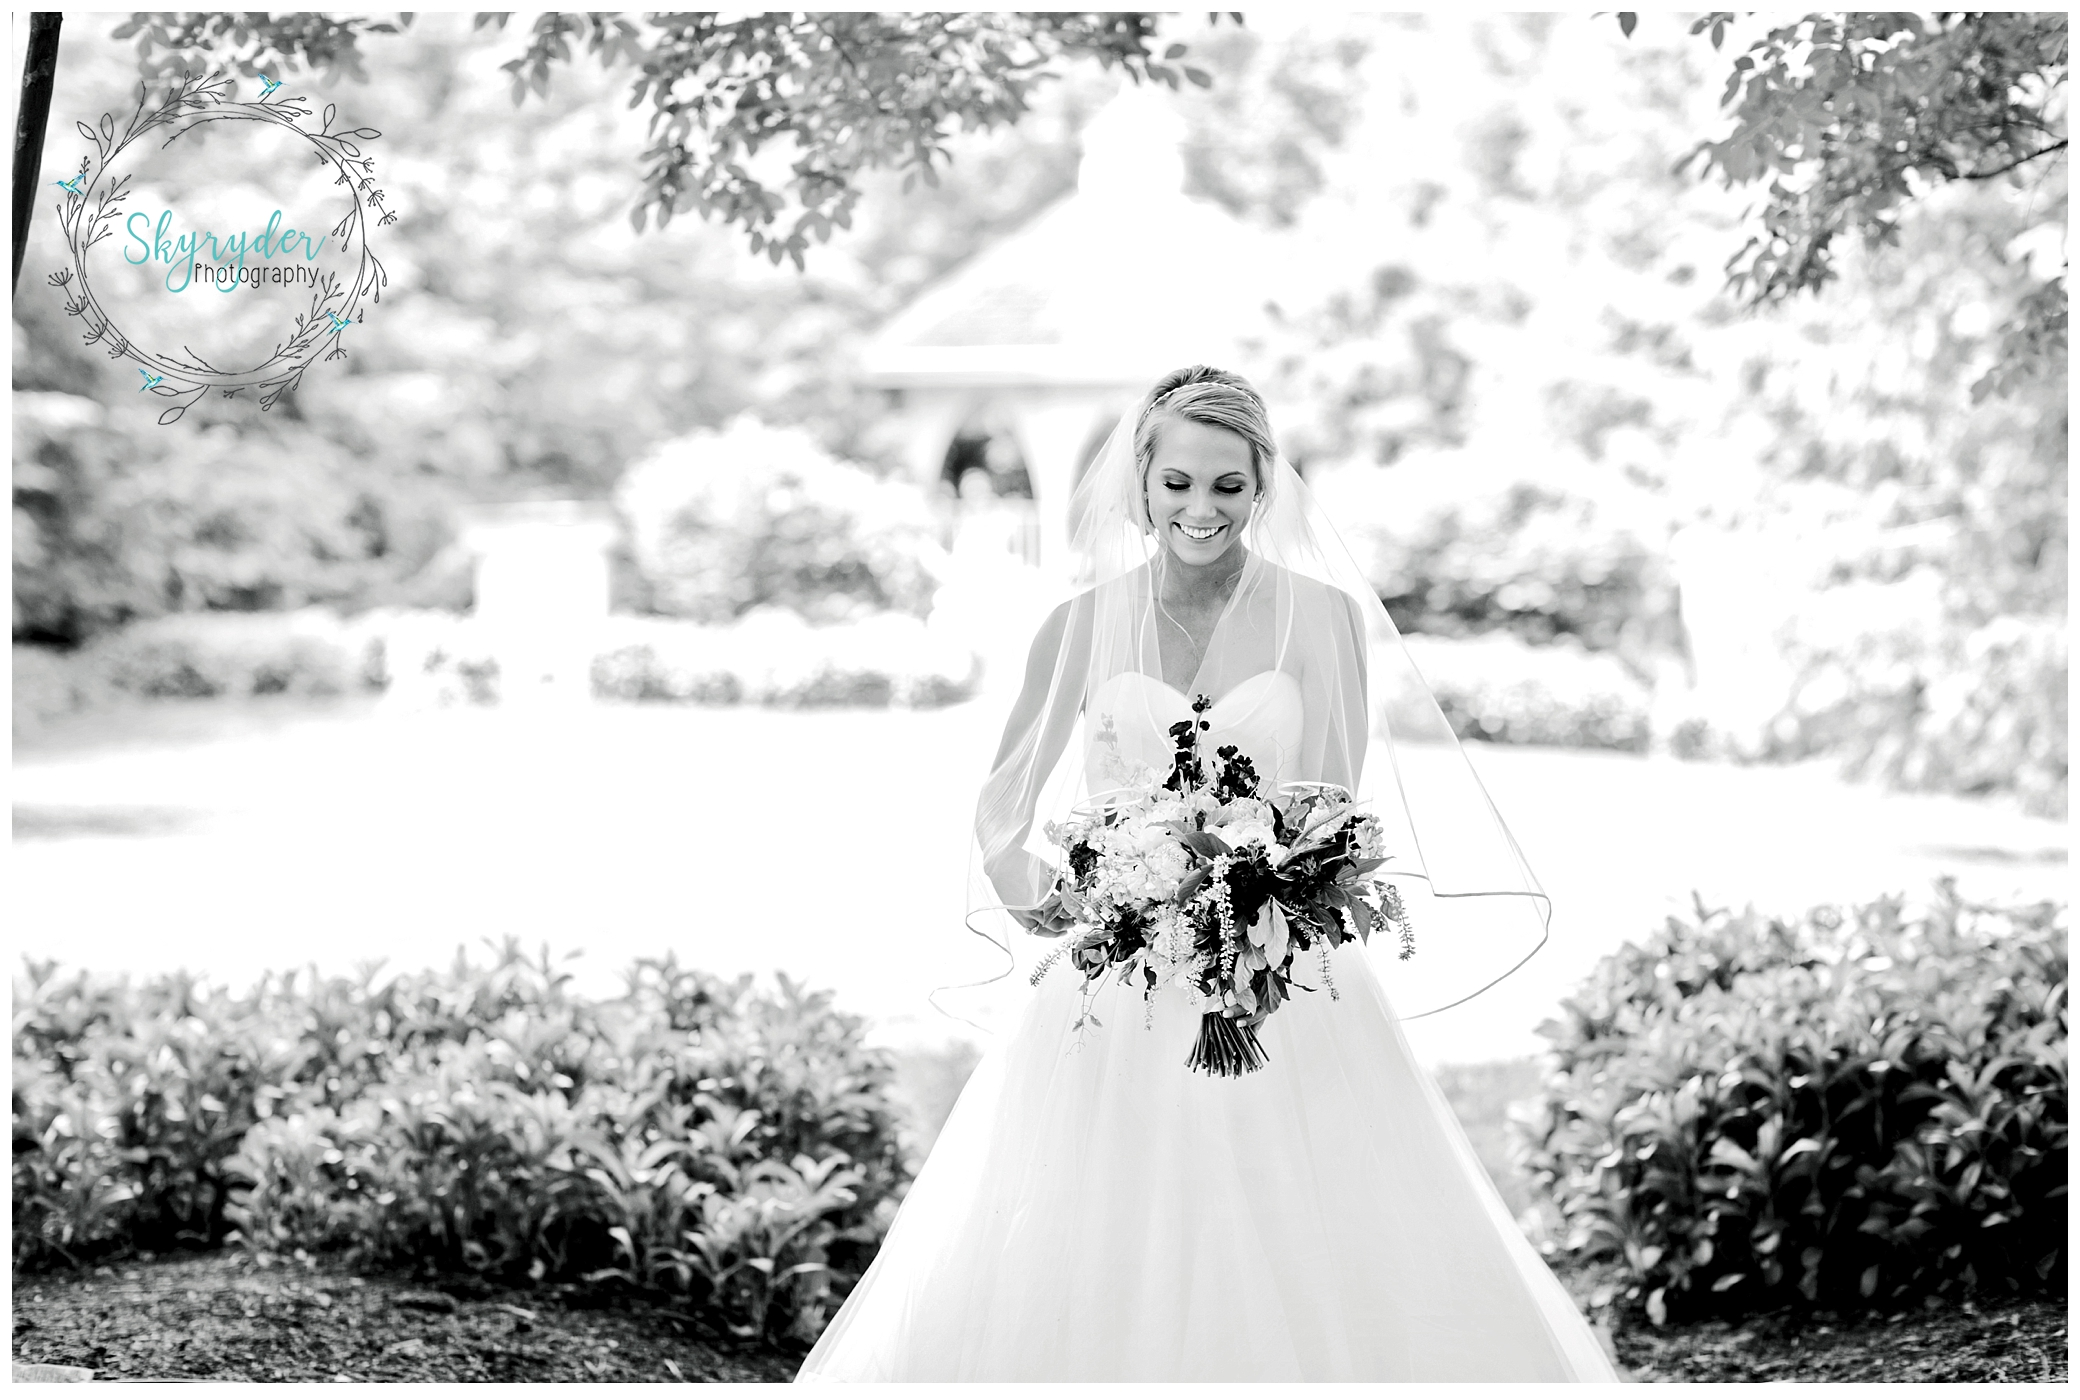 Annah + Luke | Blacksburg Wedding Photographer | Nesselrod on the New